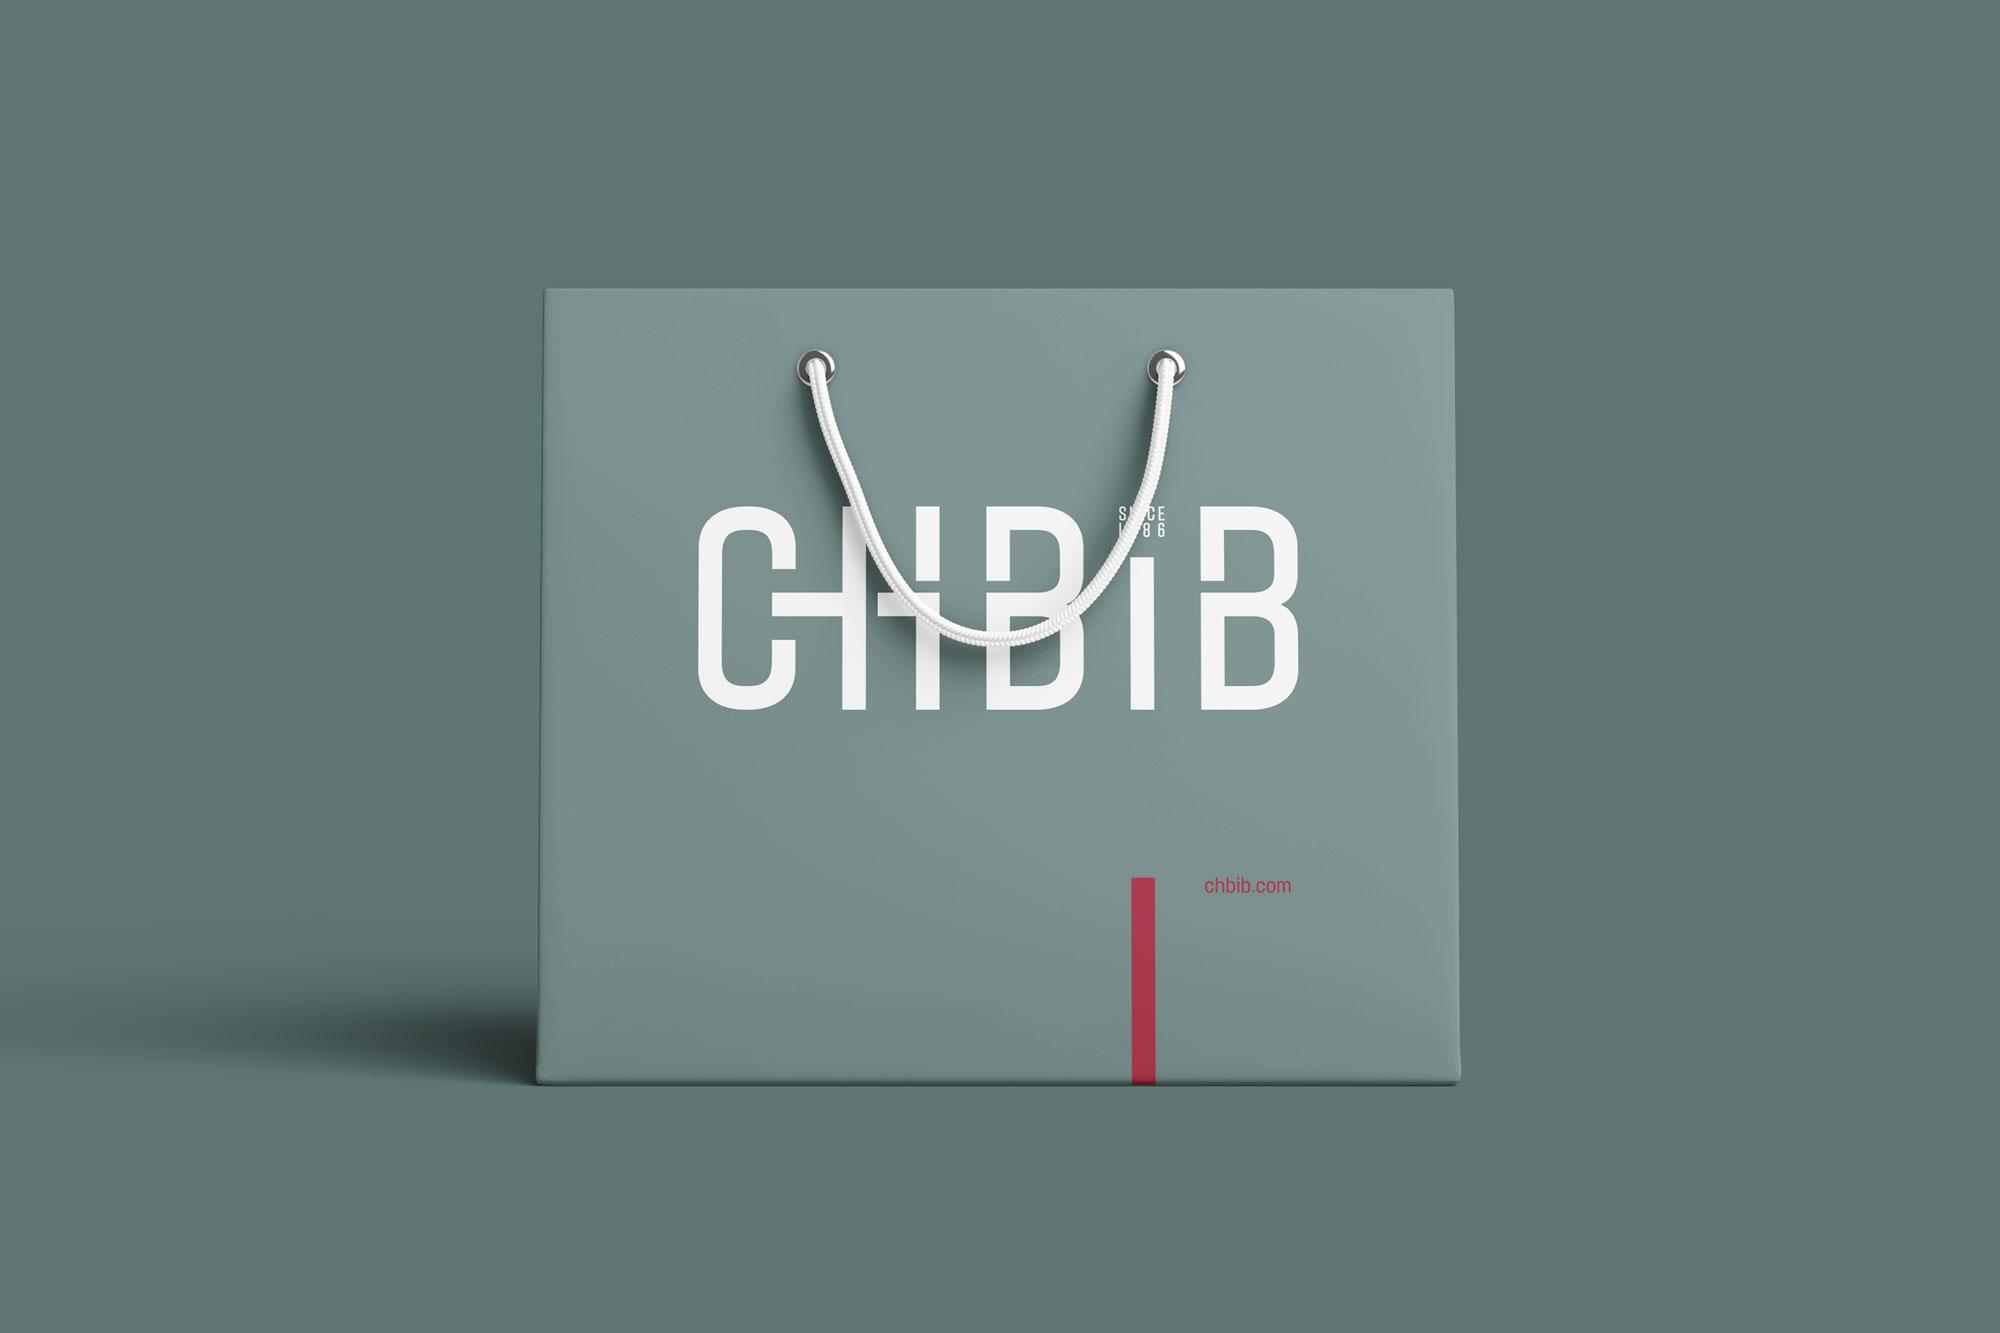 Chbib-Bag-01